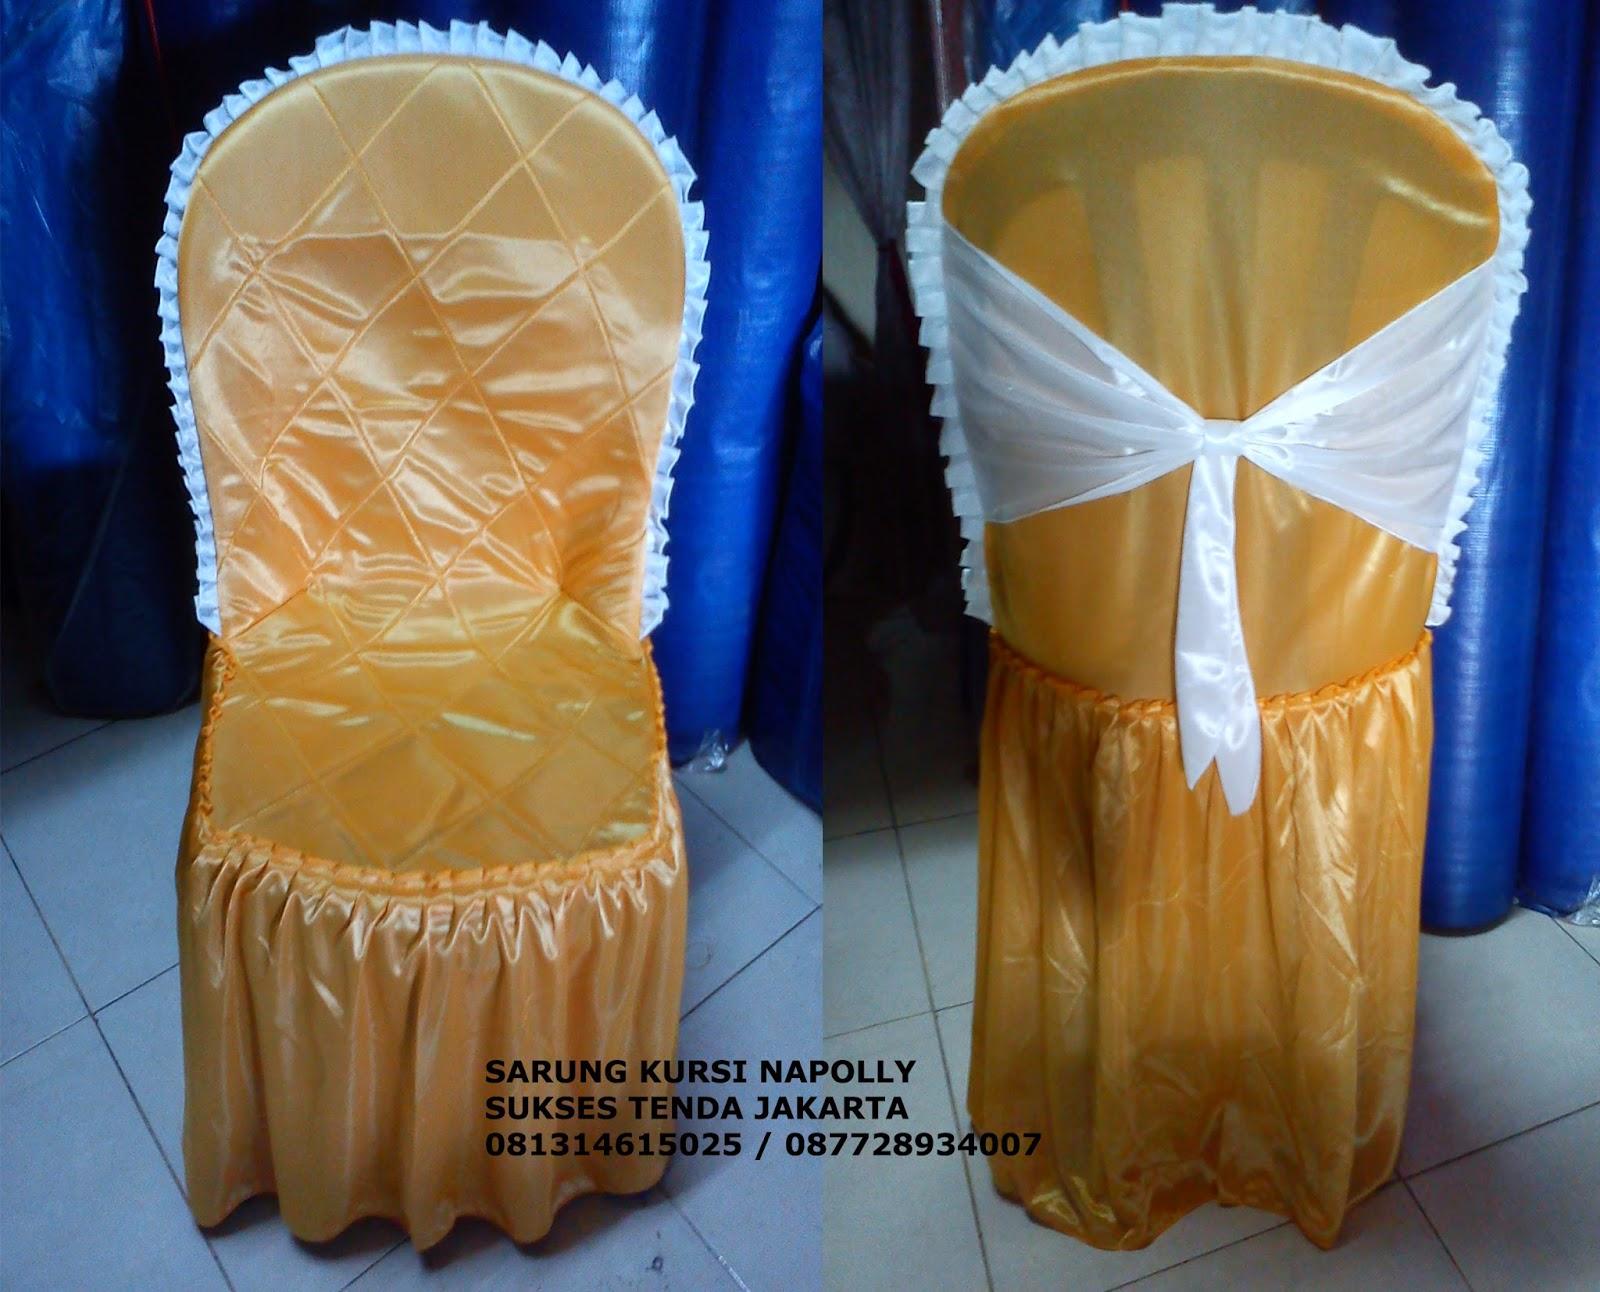 sarung kursi   sarung kursi plastik murah berkualitas